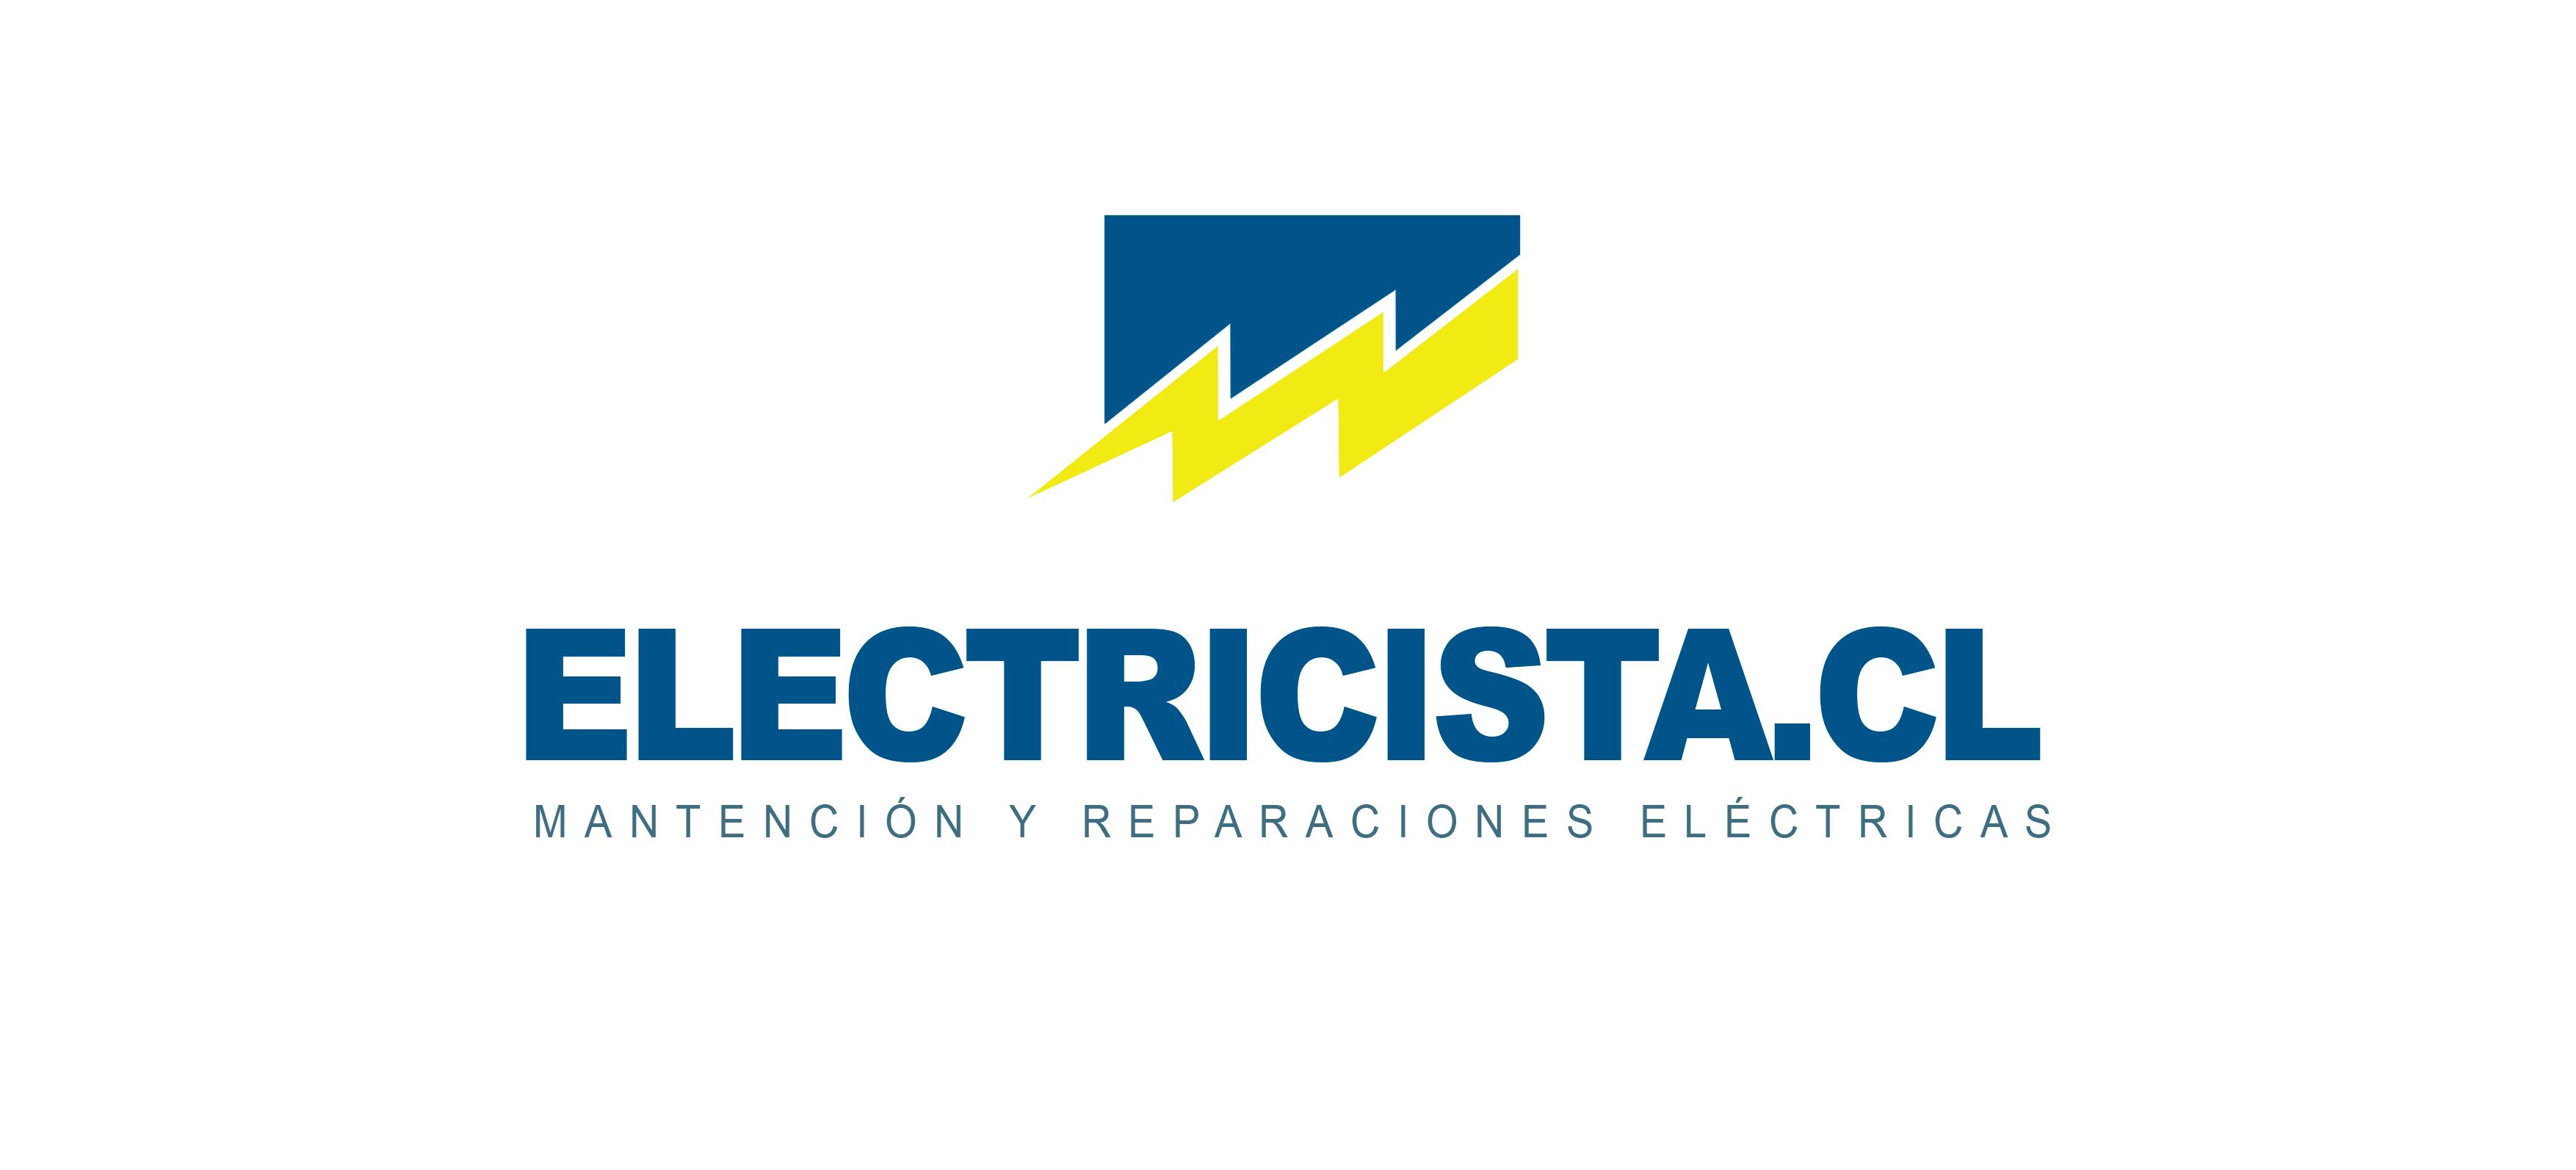 Electricista.cl